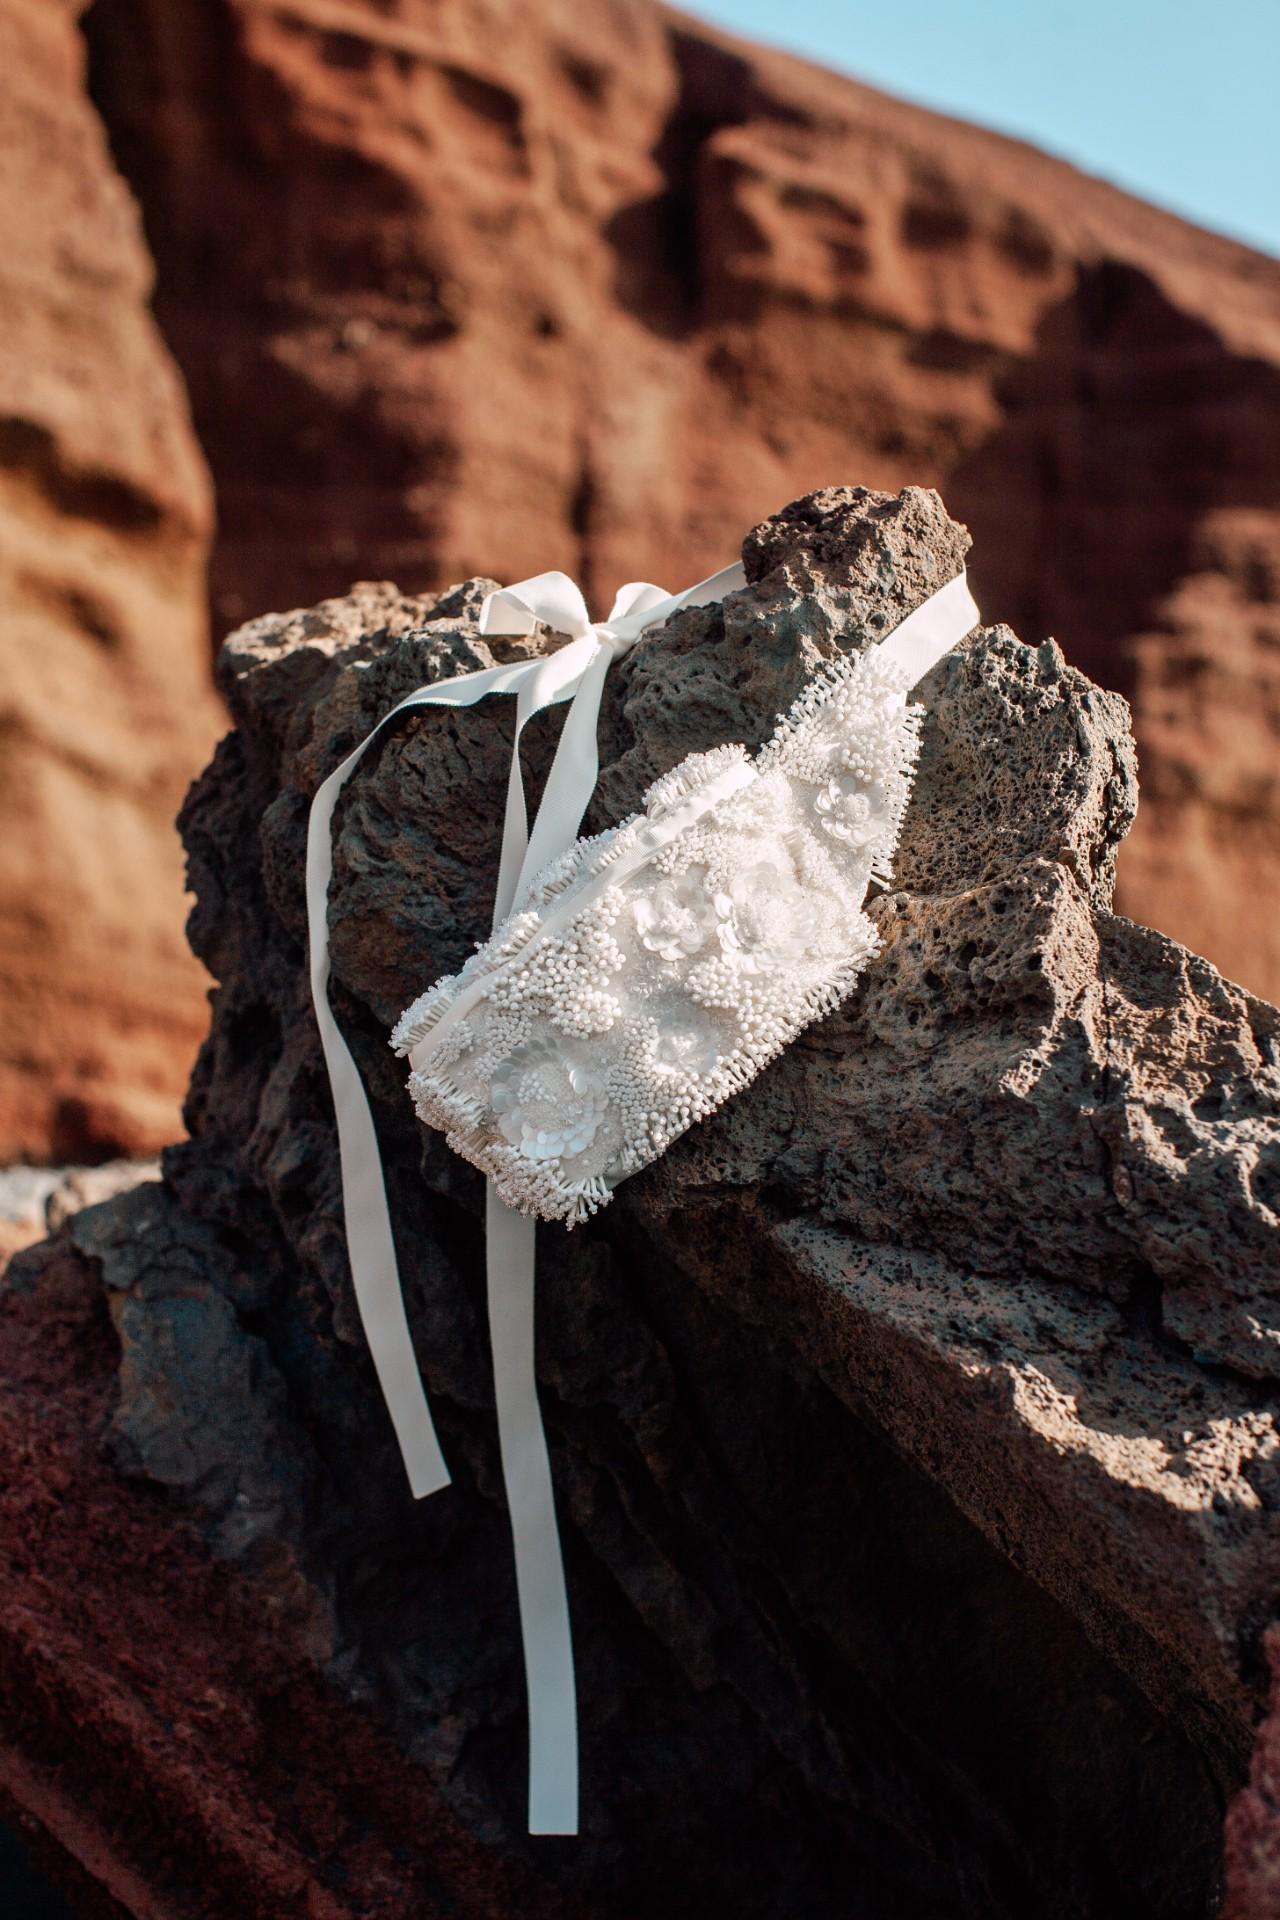 REEF BAG - Gürteltasche mit handgearbeiteter Perlenstickerei und Seidenfutter.Material: 100% PES / 100% SE987 €auch in schwarz erhältlich.